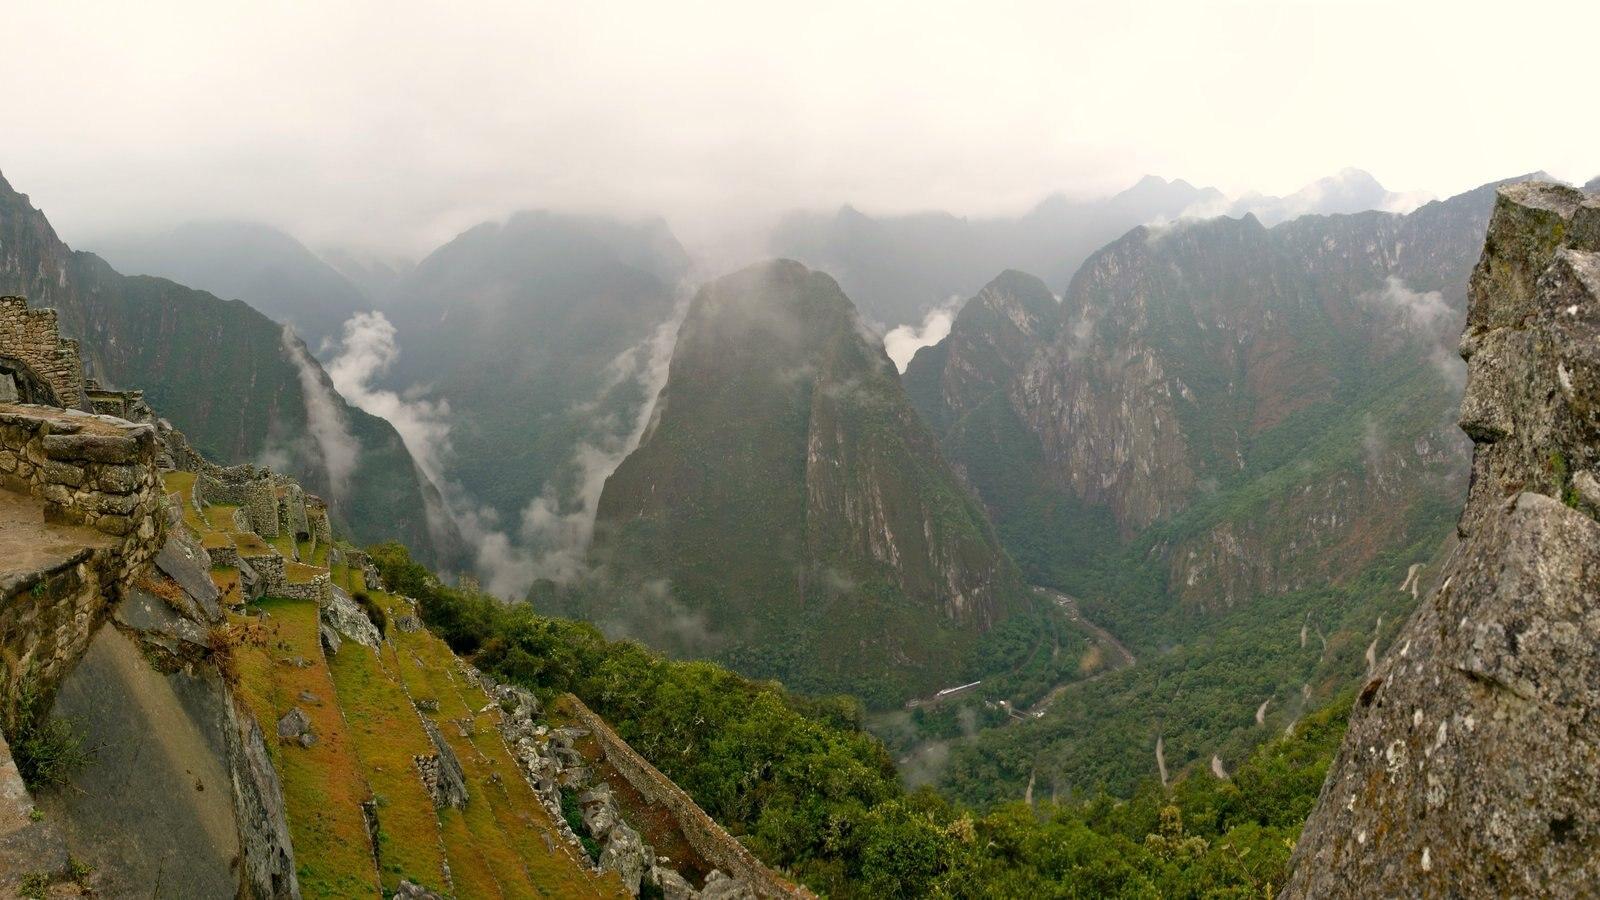 Machu Picchu mostrando ruínas de edifício, neblina e montanhas